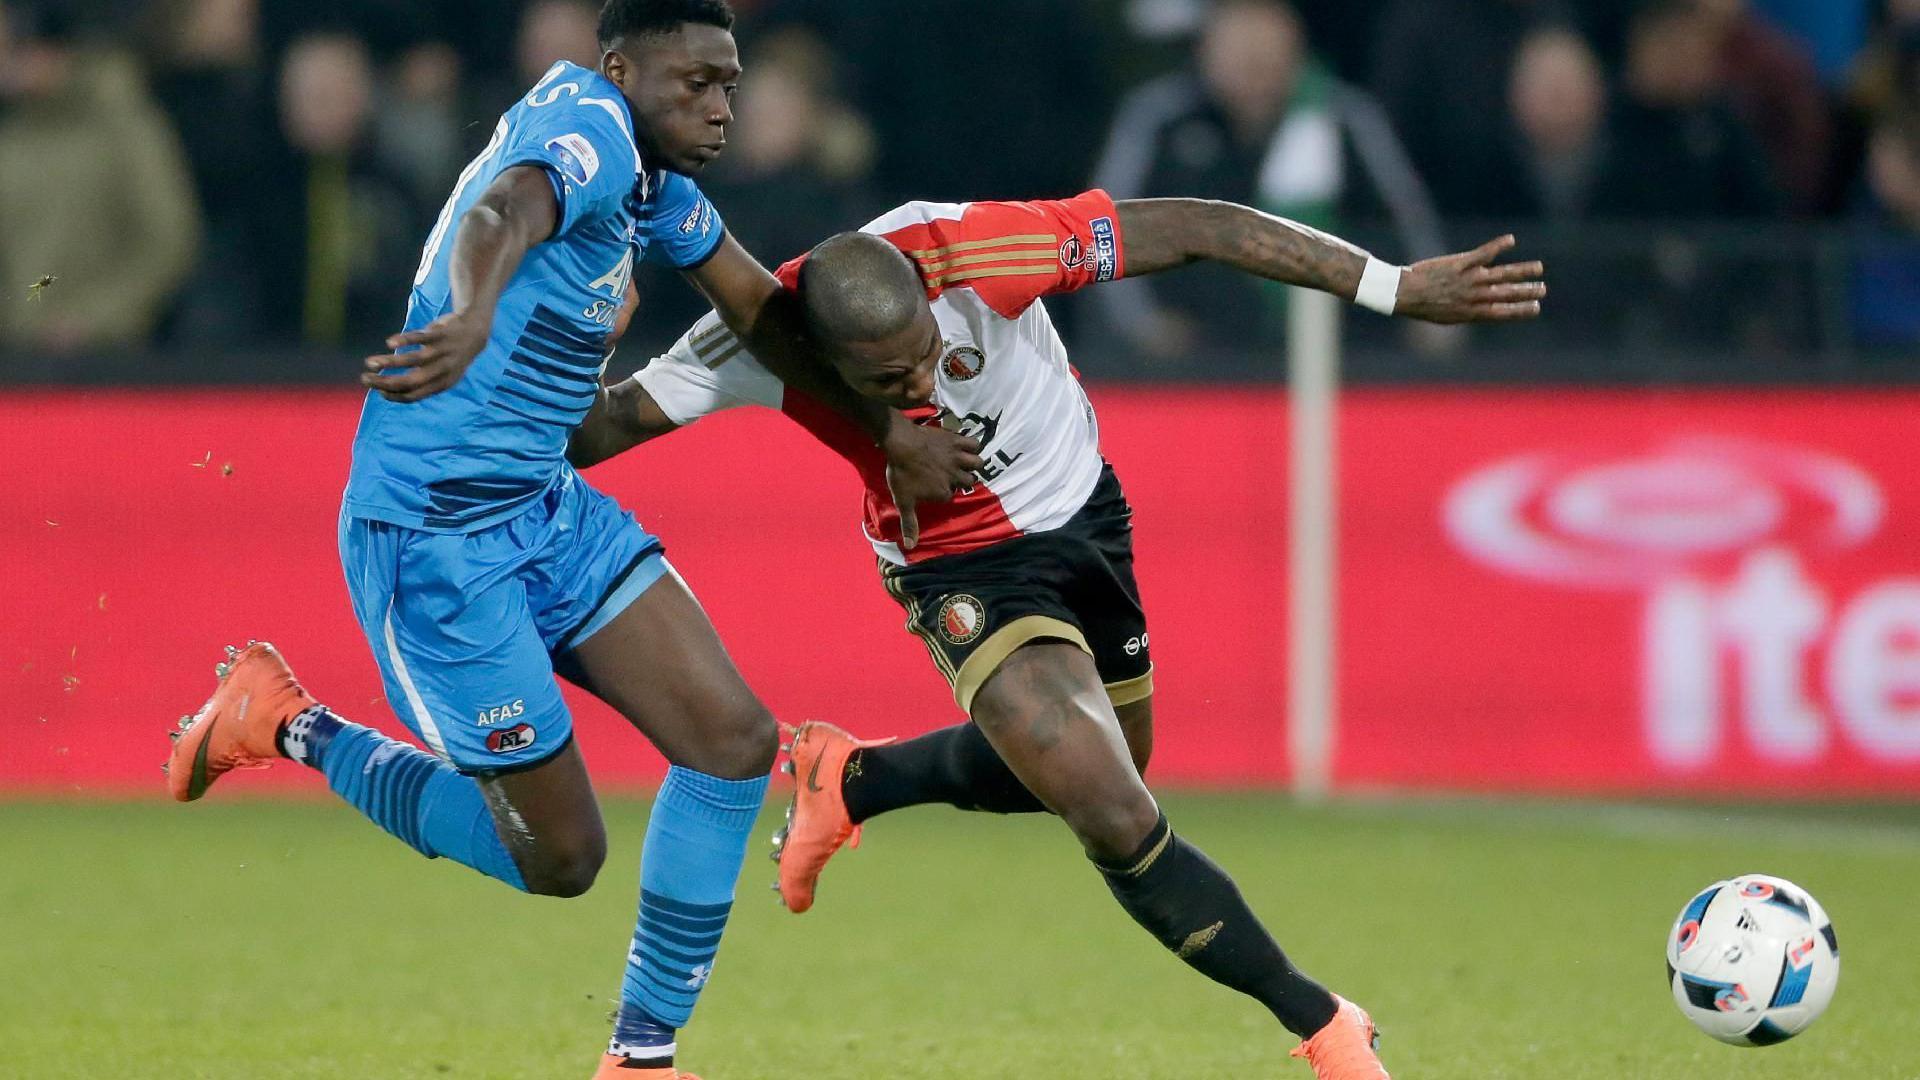 Uitslagen AZ jeugdopleiding - Voetbal in Zaanstad